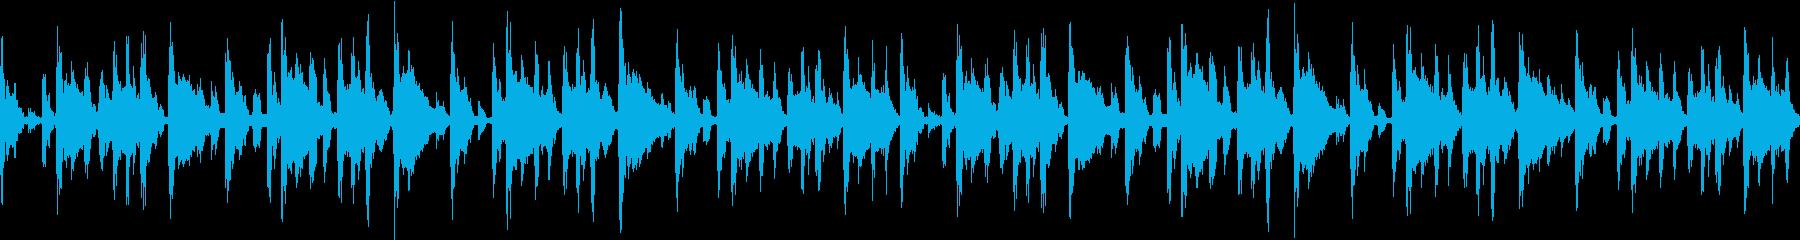 チル系エレクトロBGMの再生済みの波形